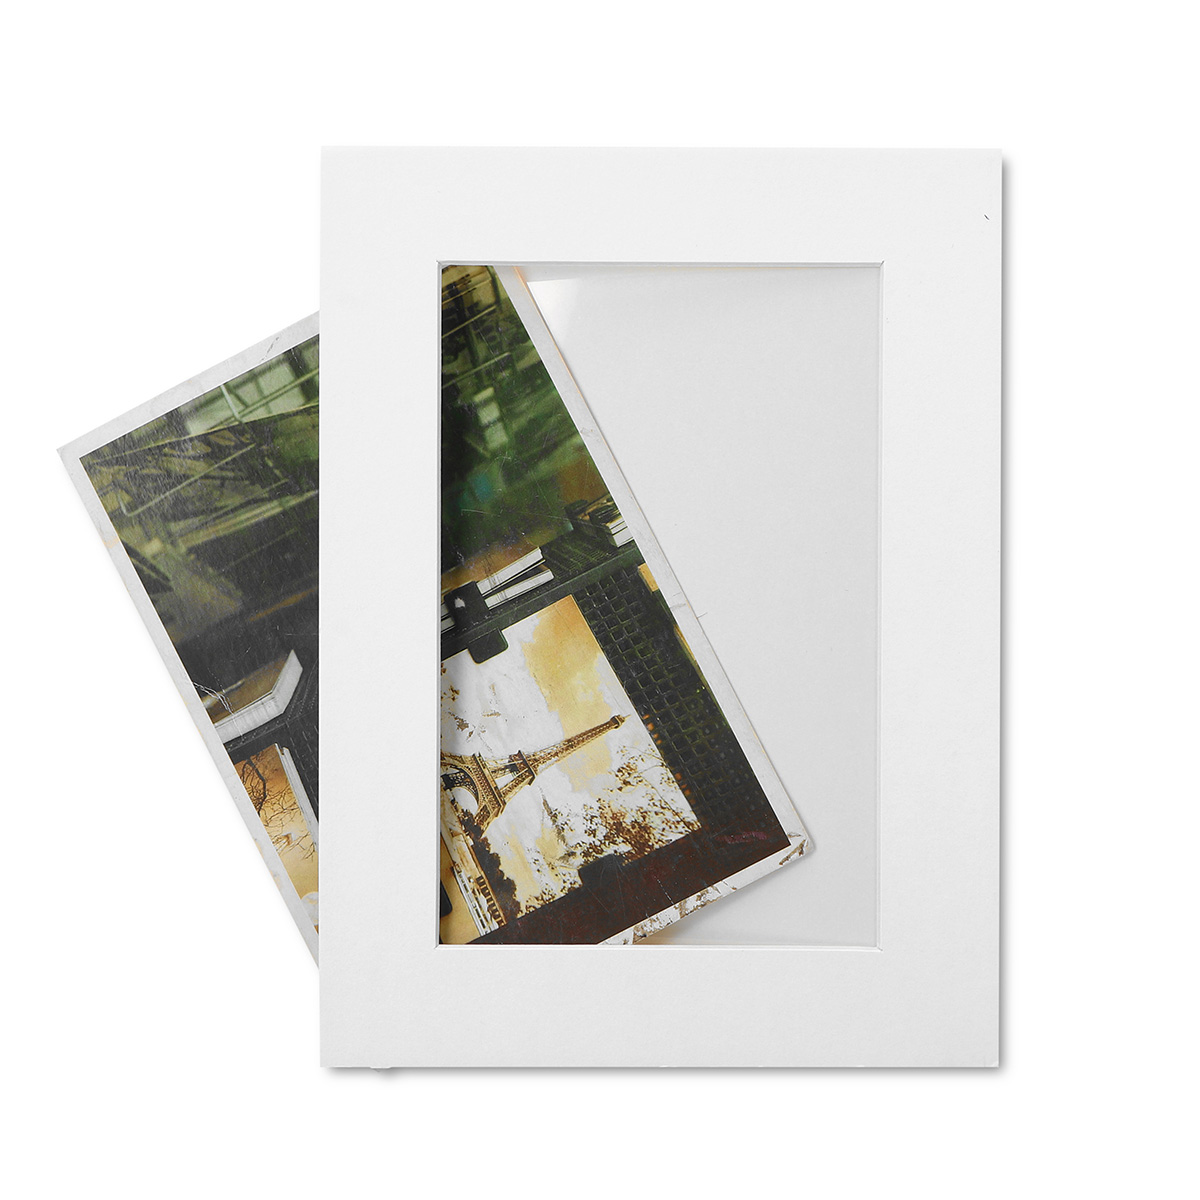 21 шт./компл. черный и белый DIY Комбинации Бумага фоторамка настенные Гостиная Спальня Съемная забавная рамка для фотографий - 6